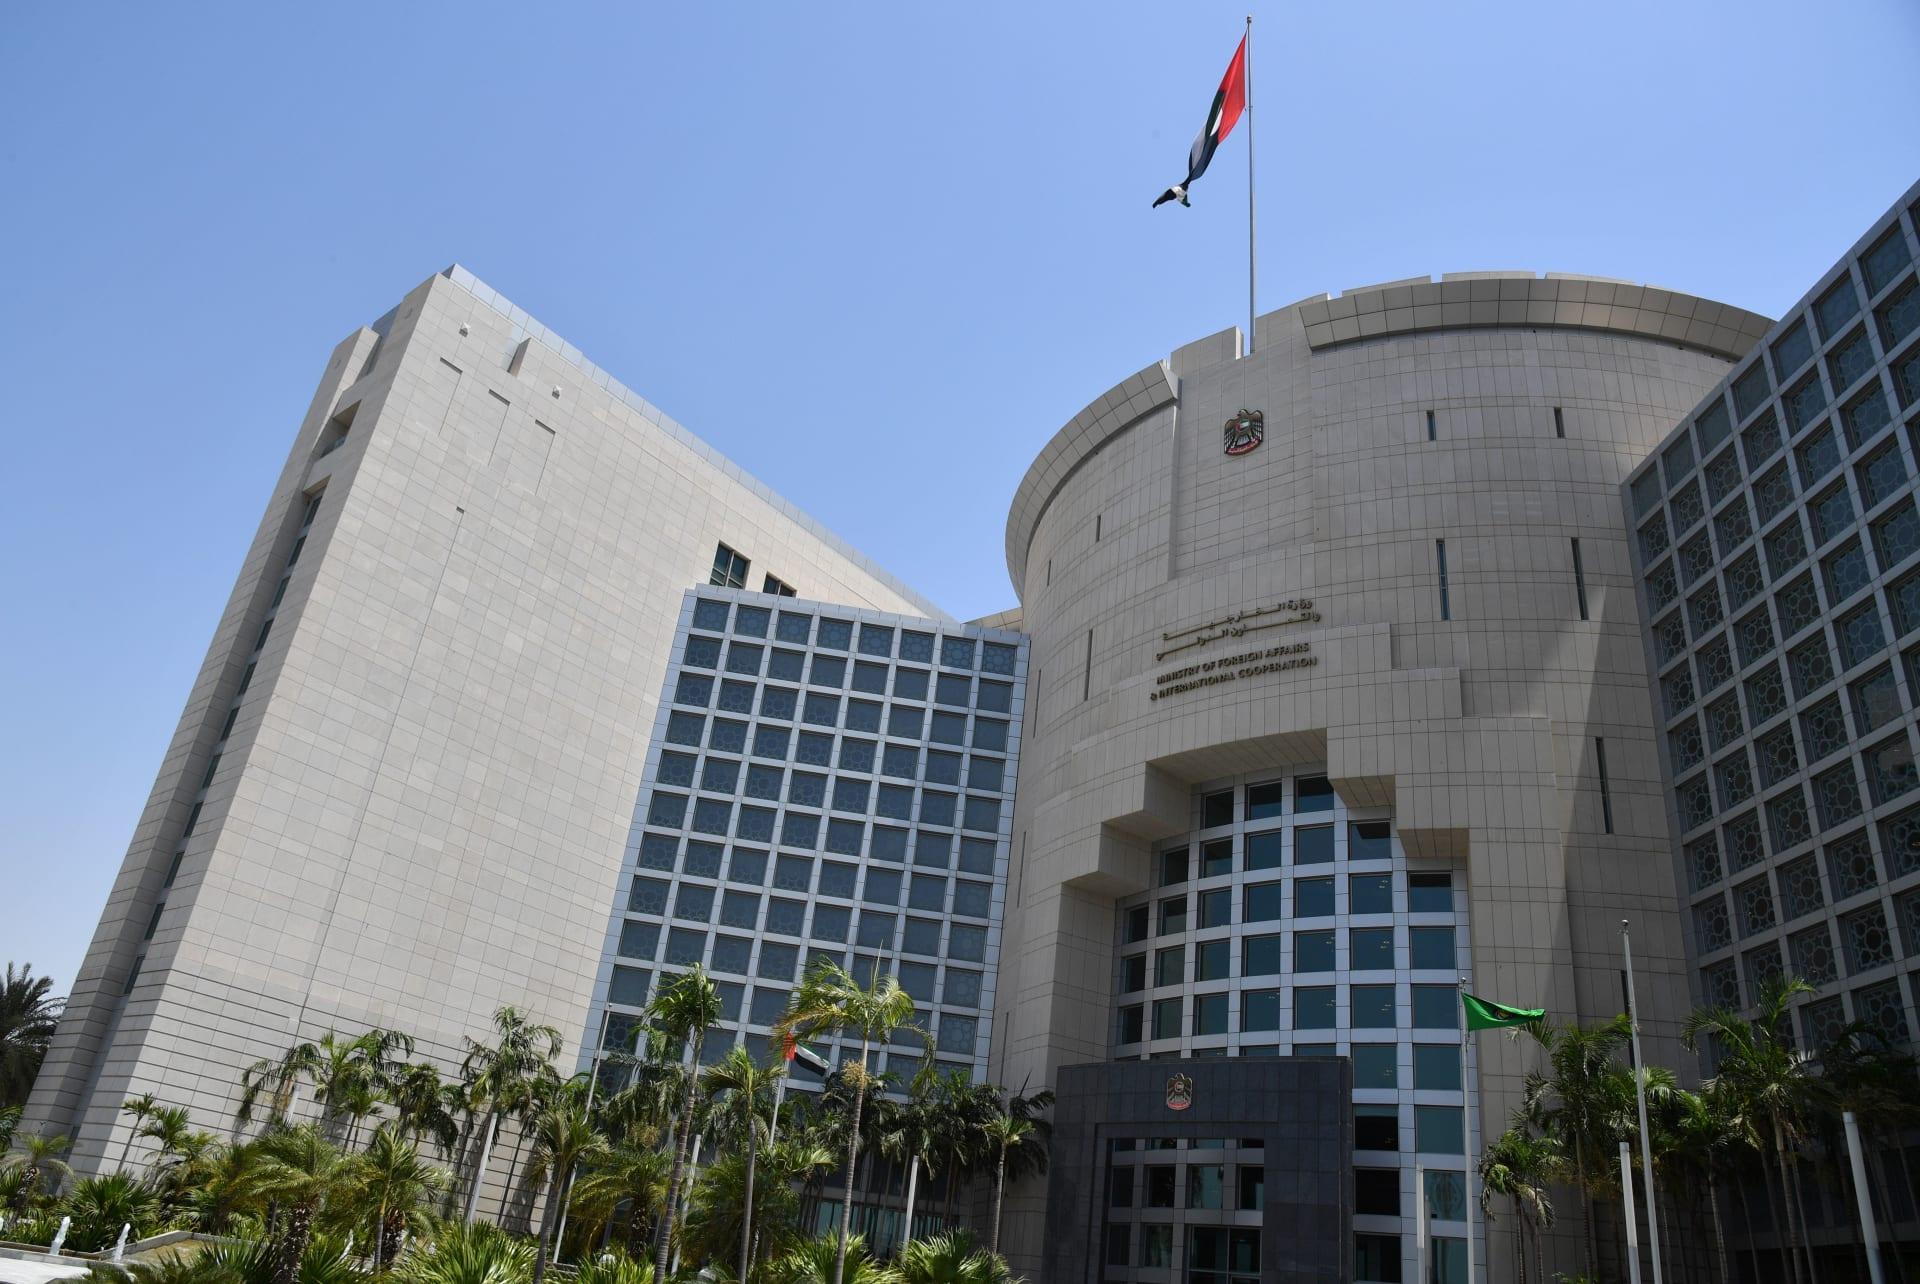 مقر وزارة الخارجية والتعاون الدولي في الإمارات